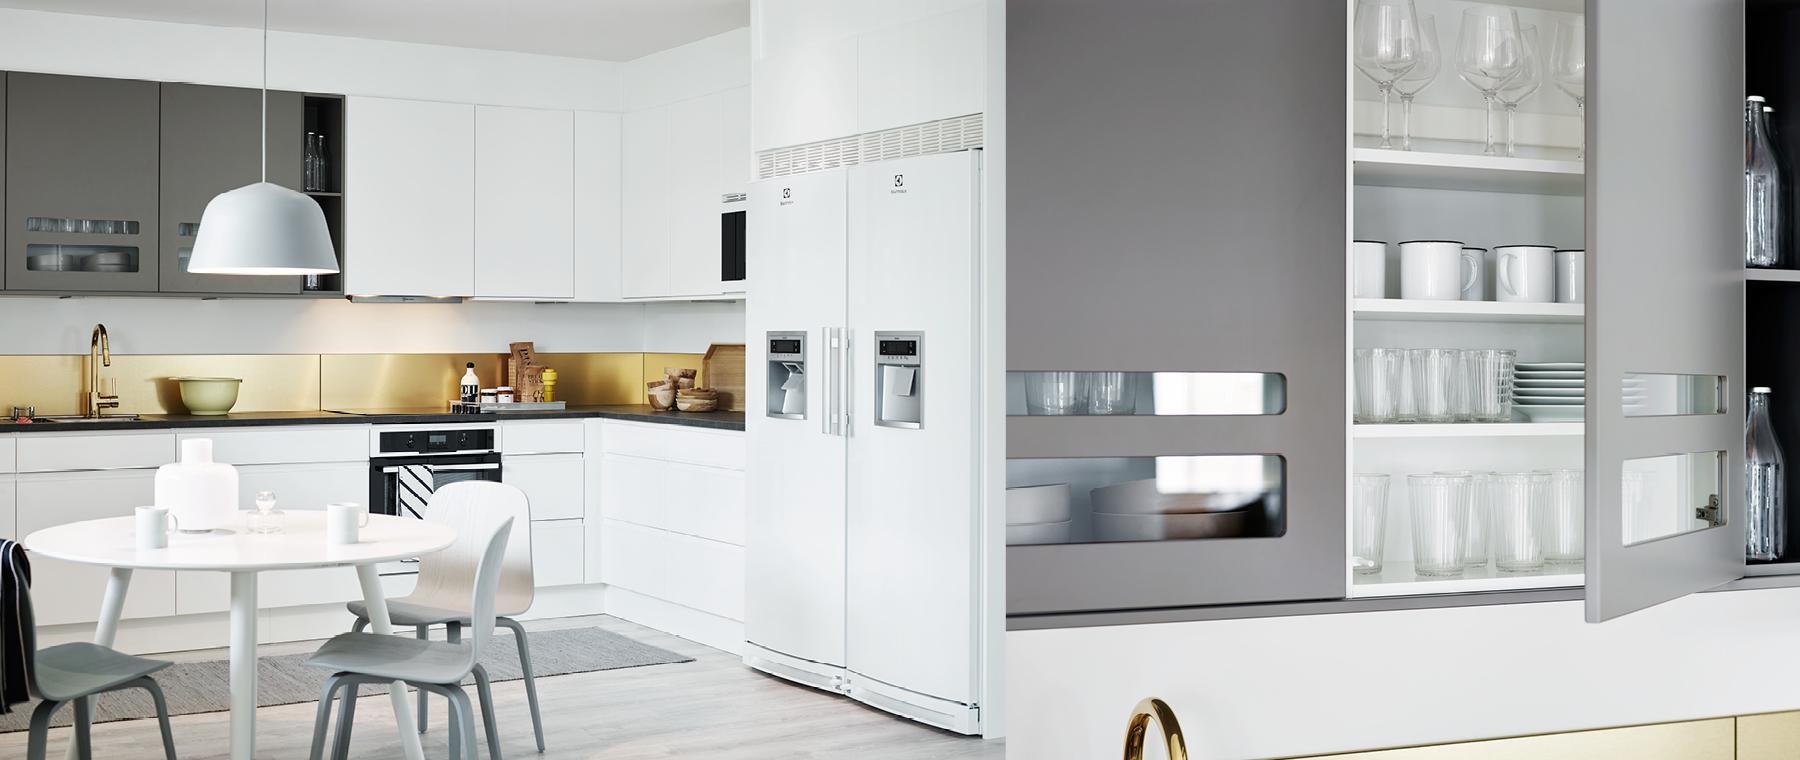 Annika vit grepplist, Nova betonggrå - Nytt kök badrum och ...